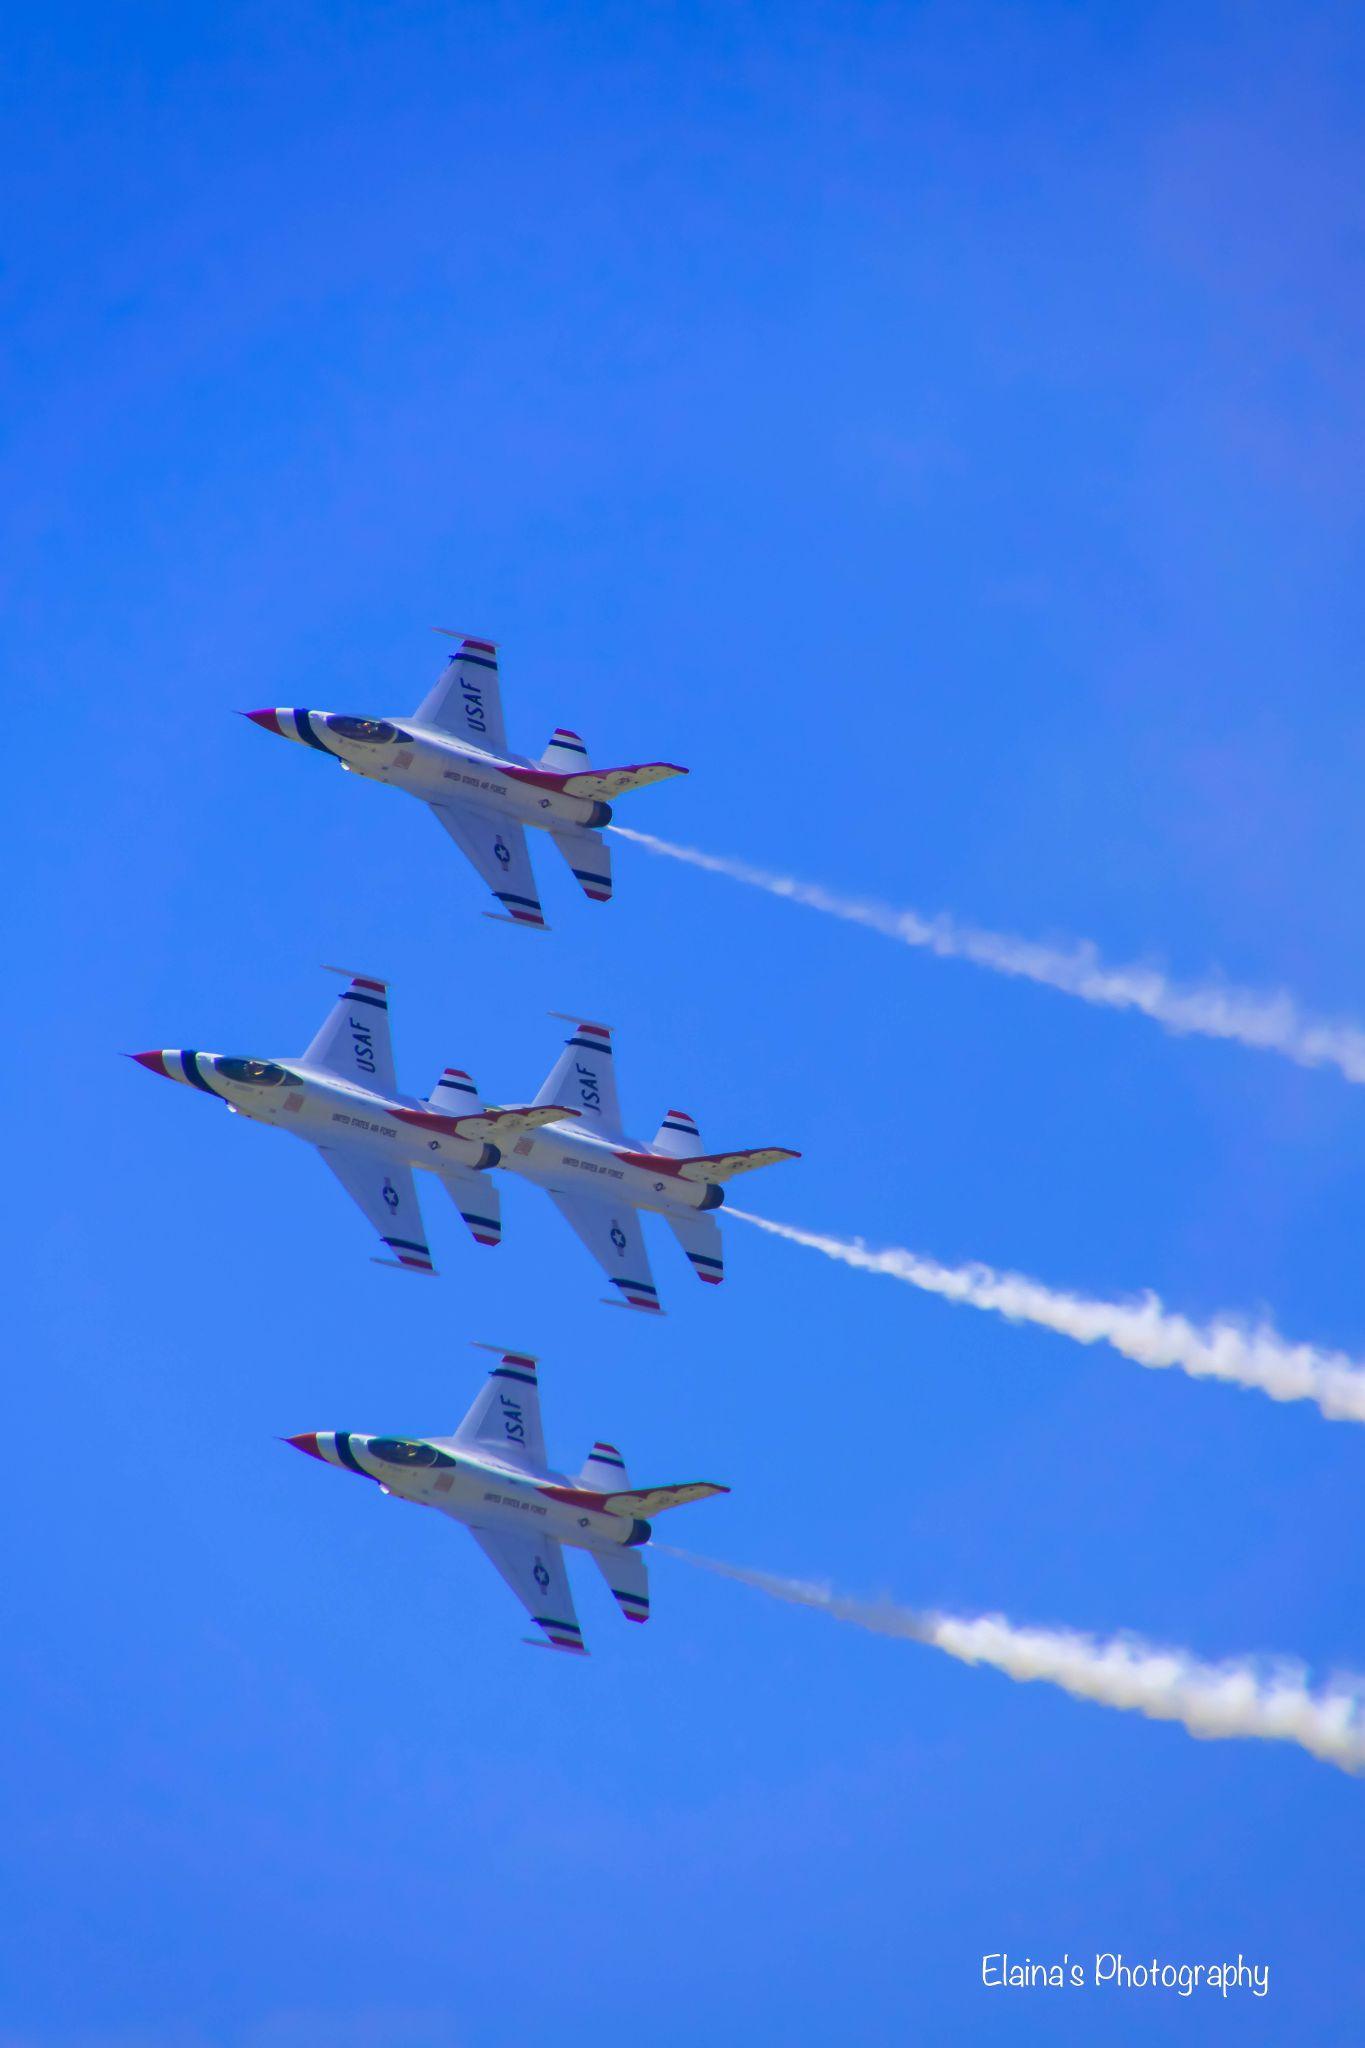 Thunderbirds by Elaina24